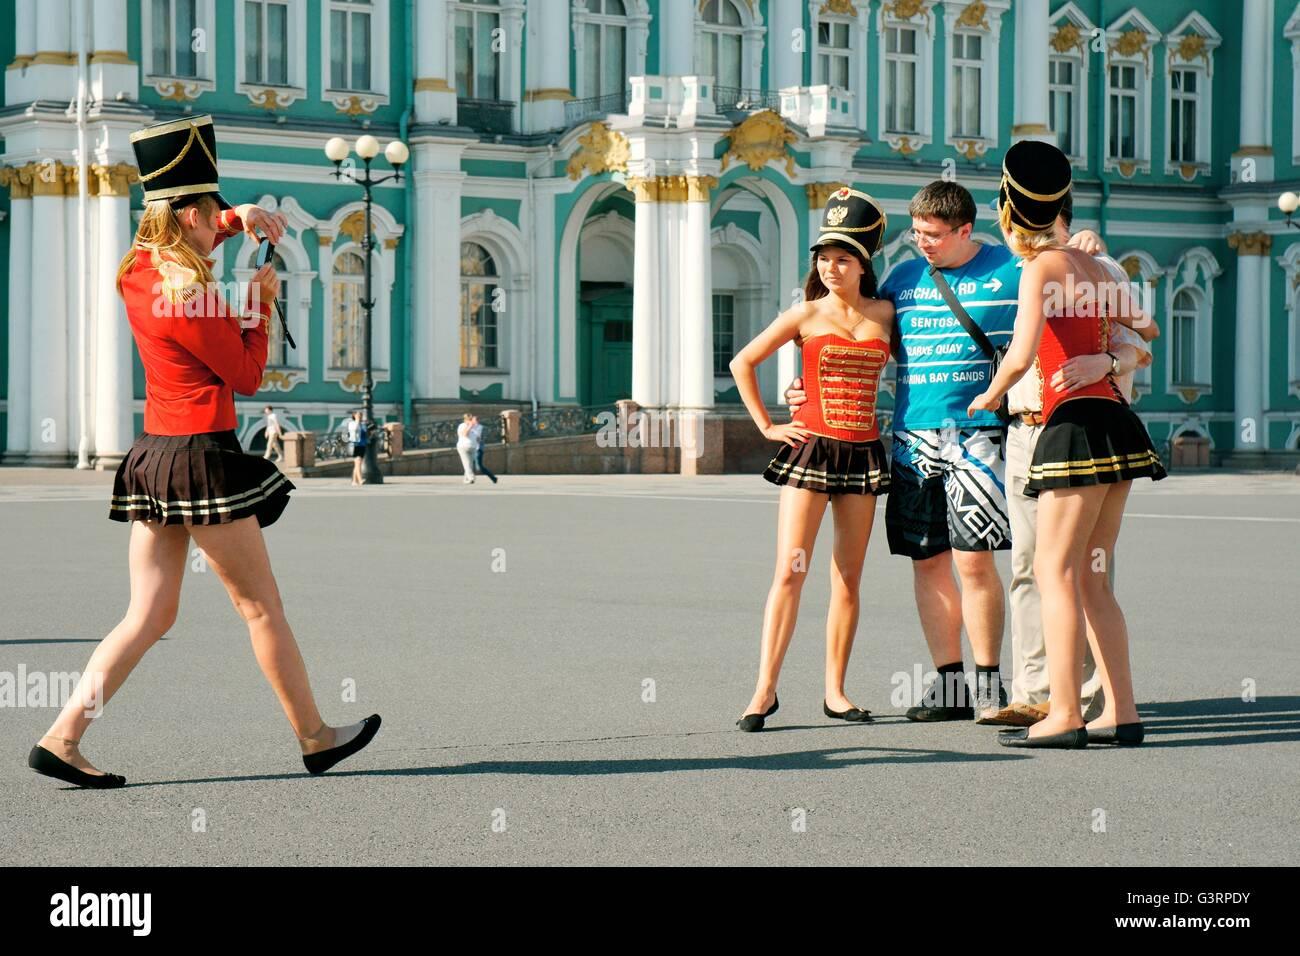 Saint Petersburg Russie. Les jeunes femmes entreprenantes posent comme palace guards pour photographies touristiques Photo Stock